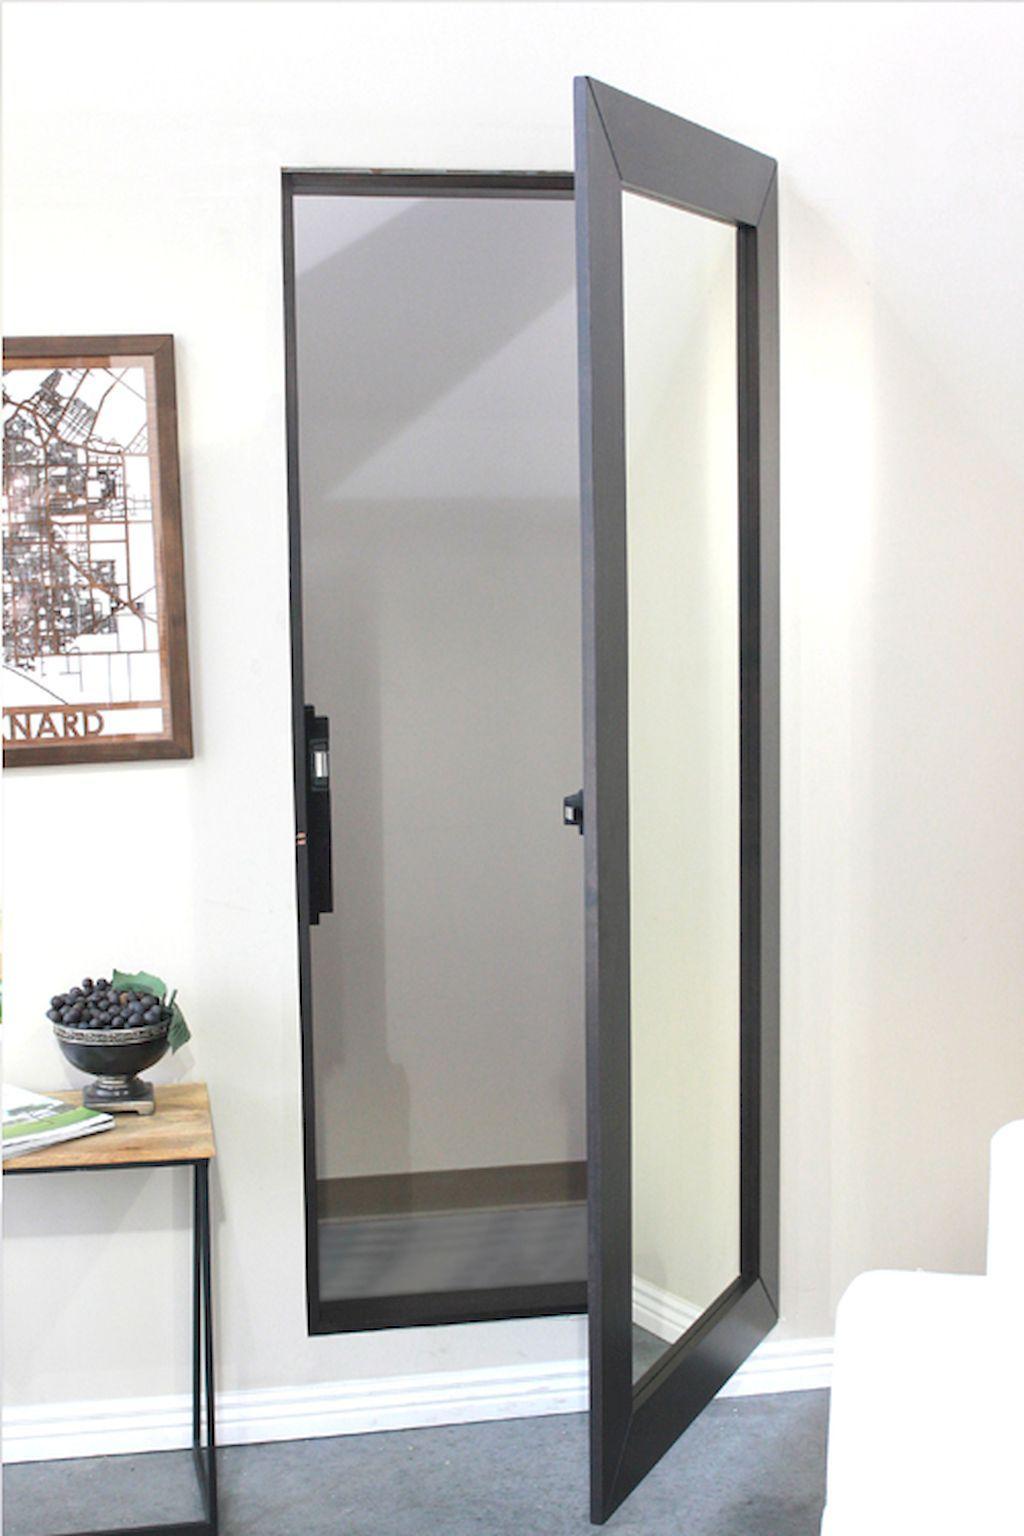 Insanely creative hidden door designs for storage and for Hidden door ideas